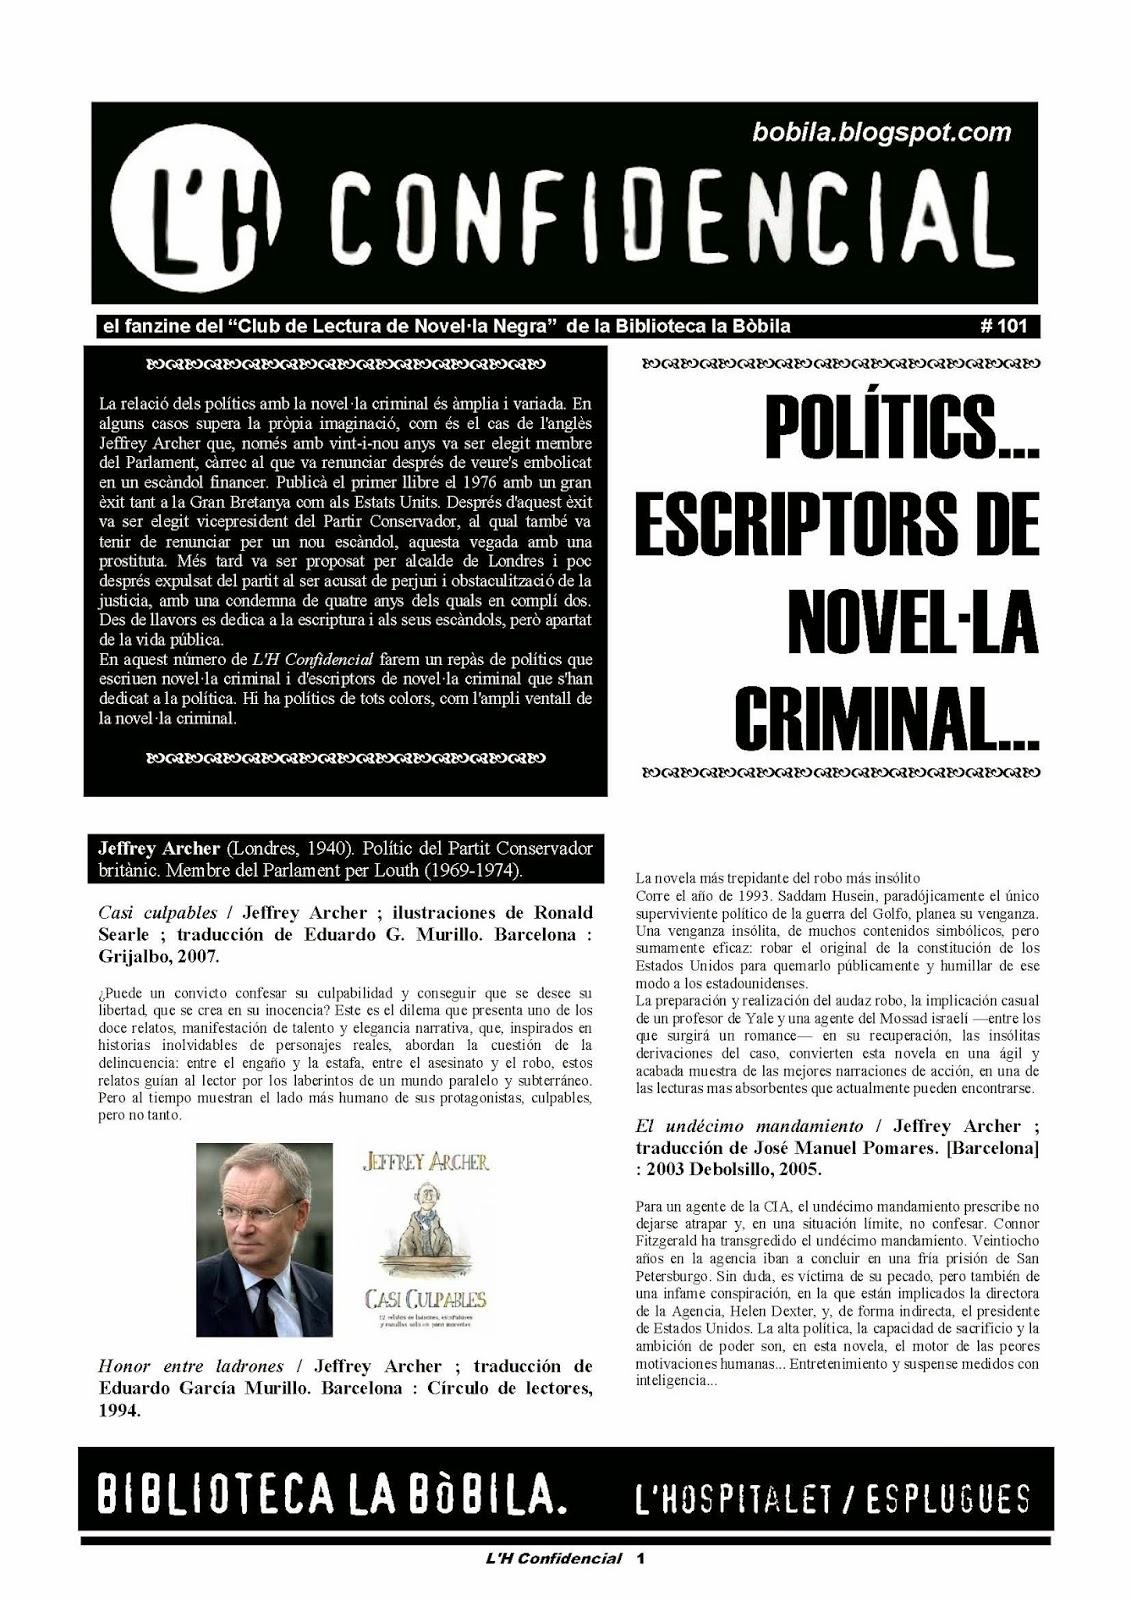 Polítics... Escriptors de novel·la criminal...